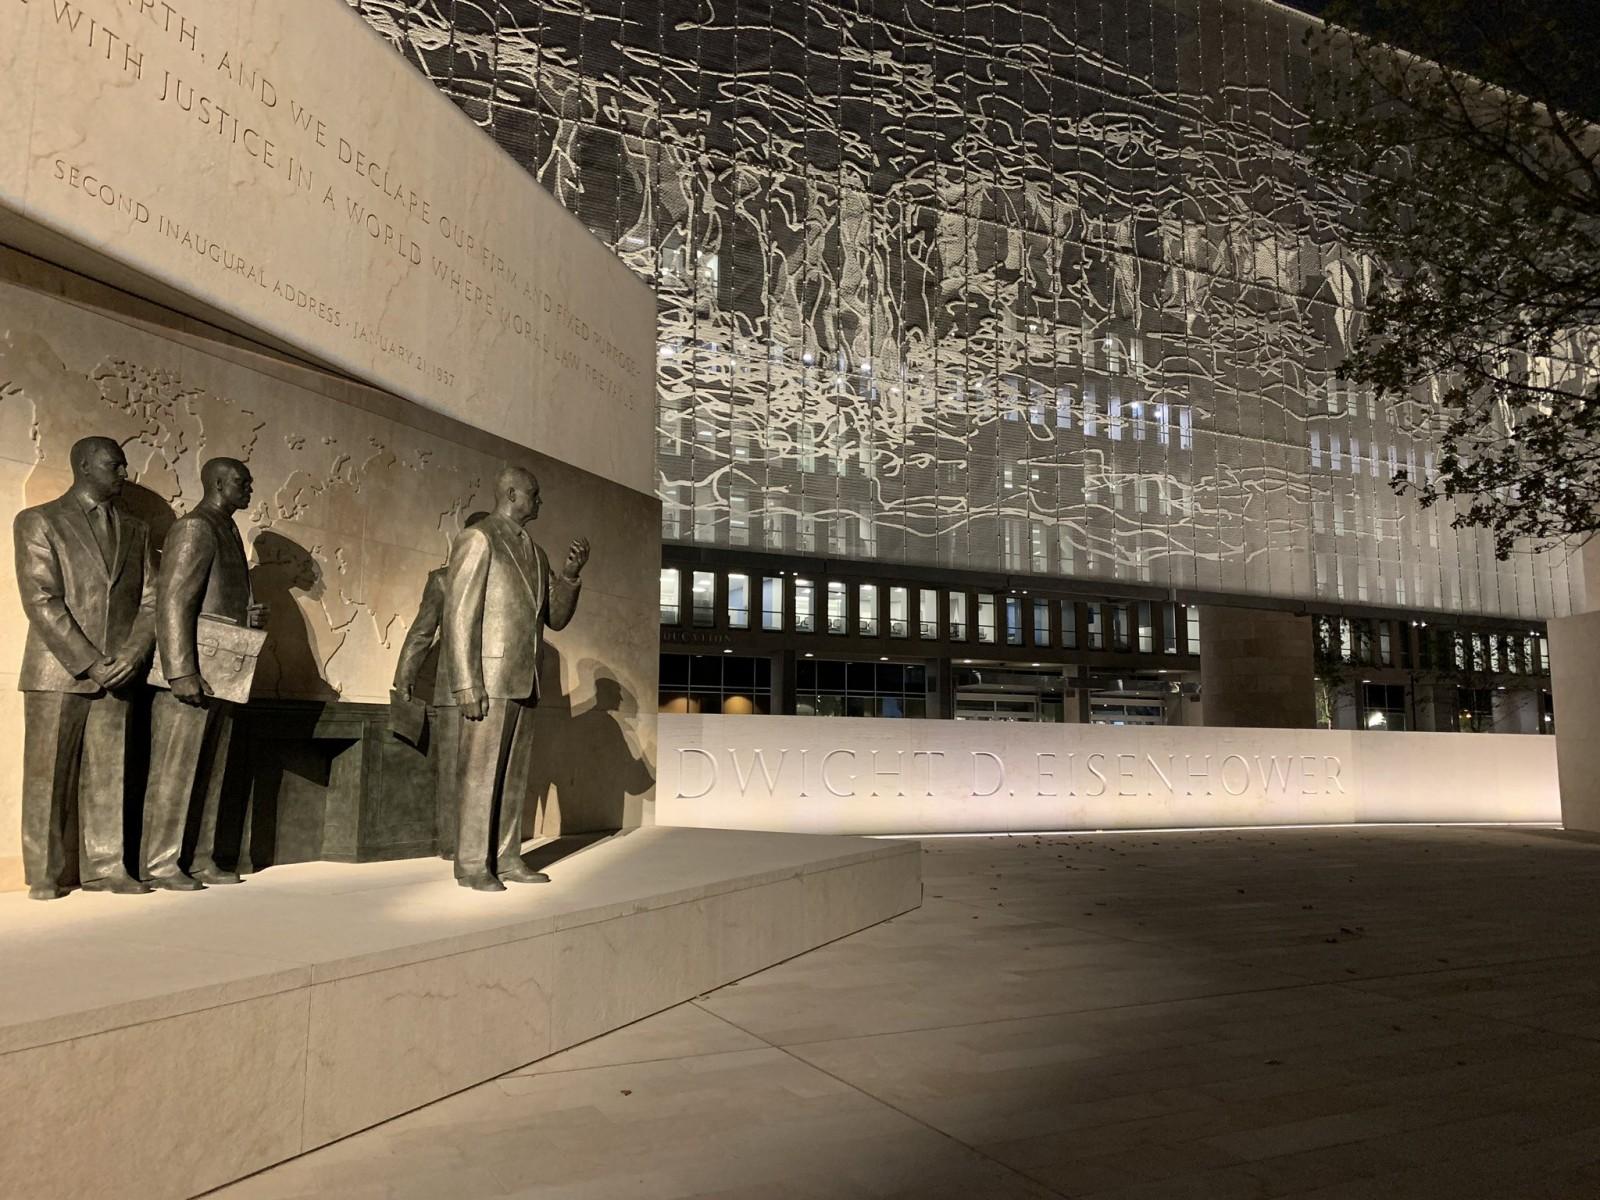 Das Dwight D. Eisenhower Memorial in Washington D.C. sollte bereits im Mai für die Öffentlichkeit zugänglich sein. Die Eröffnung verzögerte sich jedoch bis zum 17. September 2020. Foto: Twitter, Bob Barnard